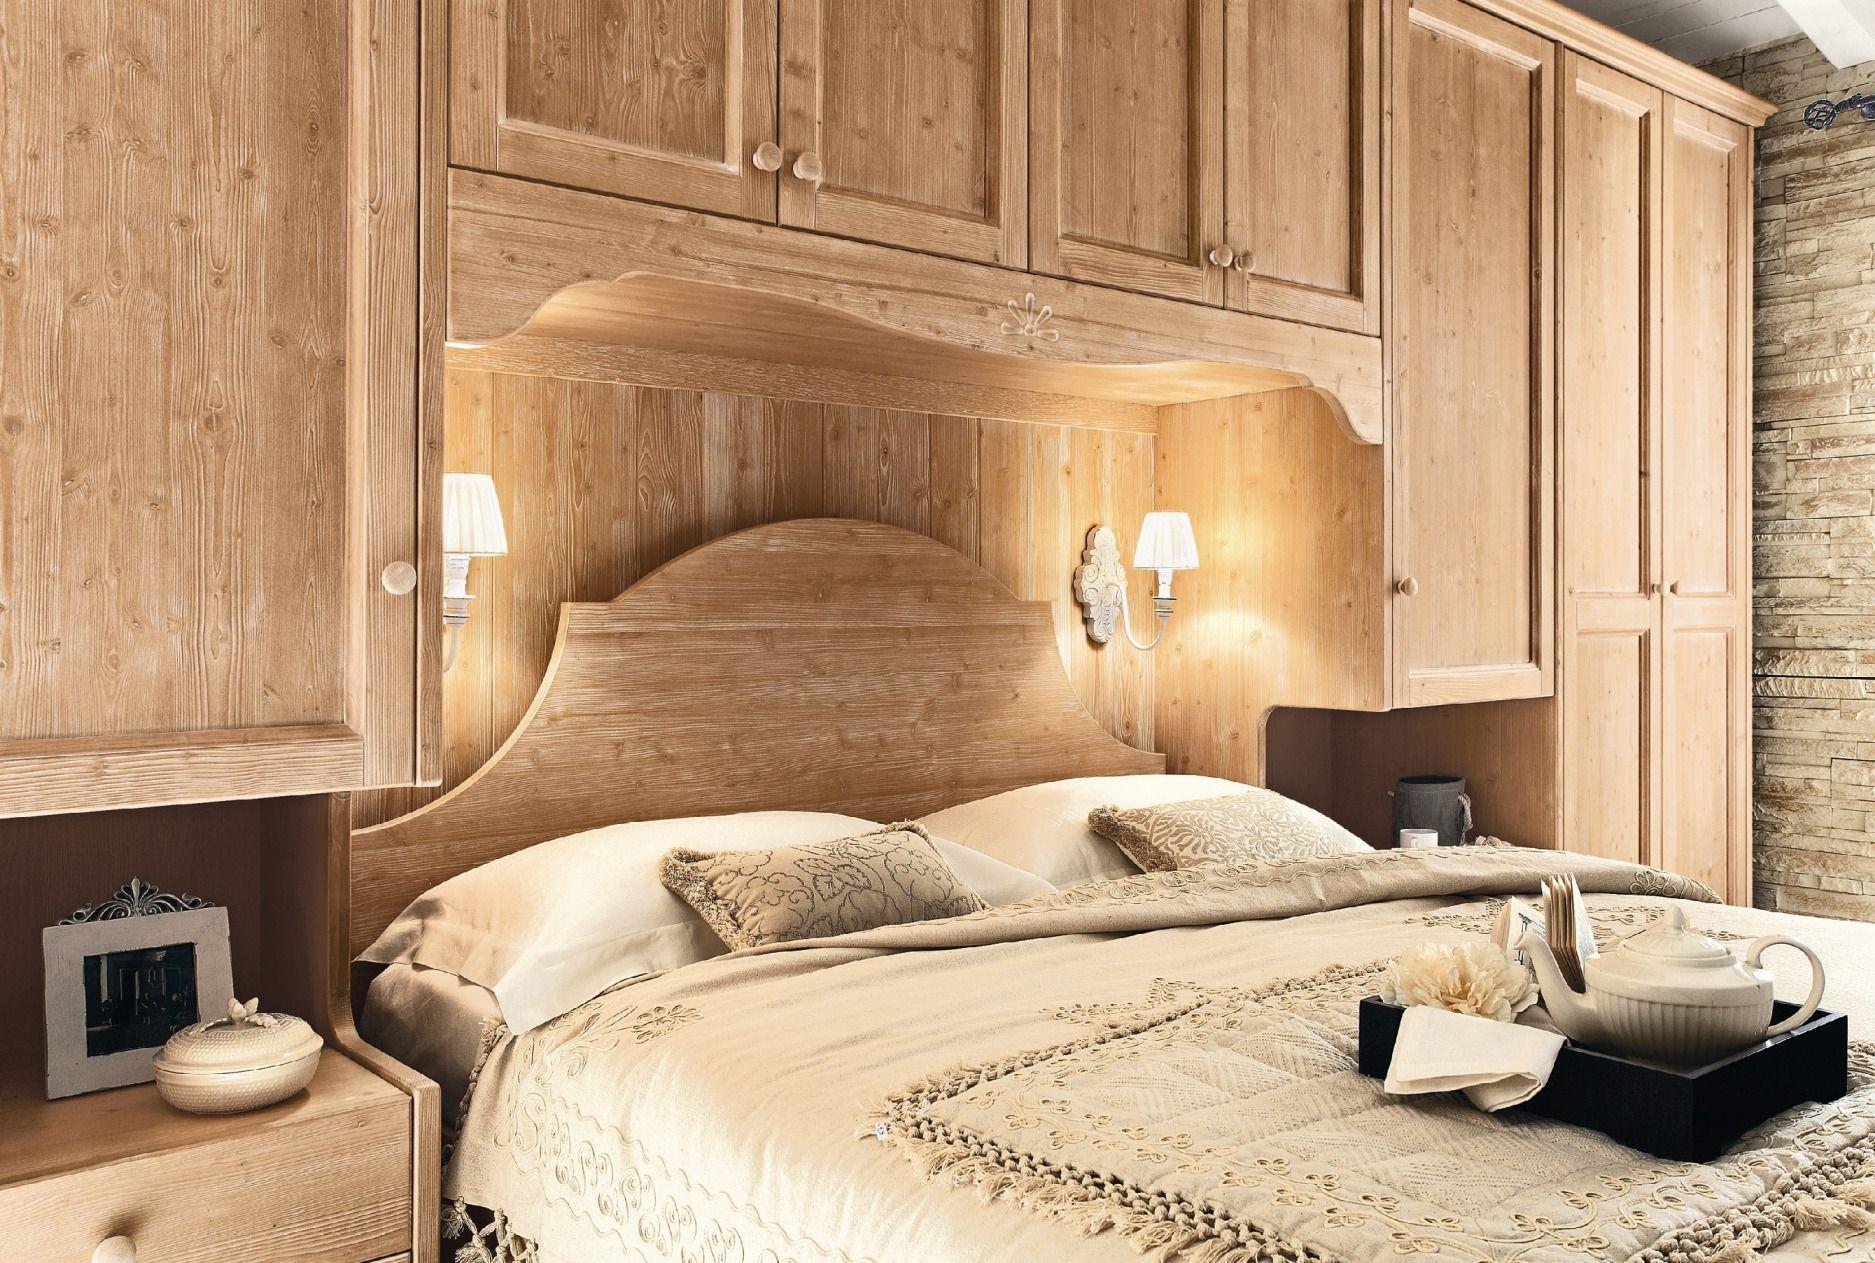 camera da letto in legno in stile country every day night ... - Camera Da Letto Stile Country